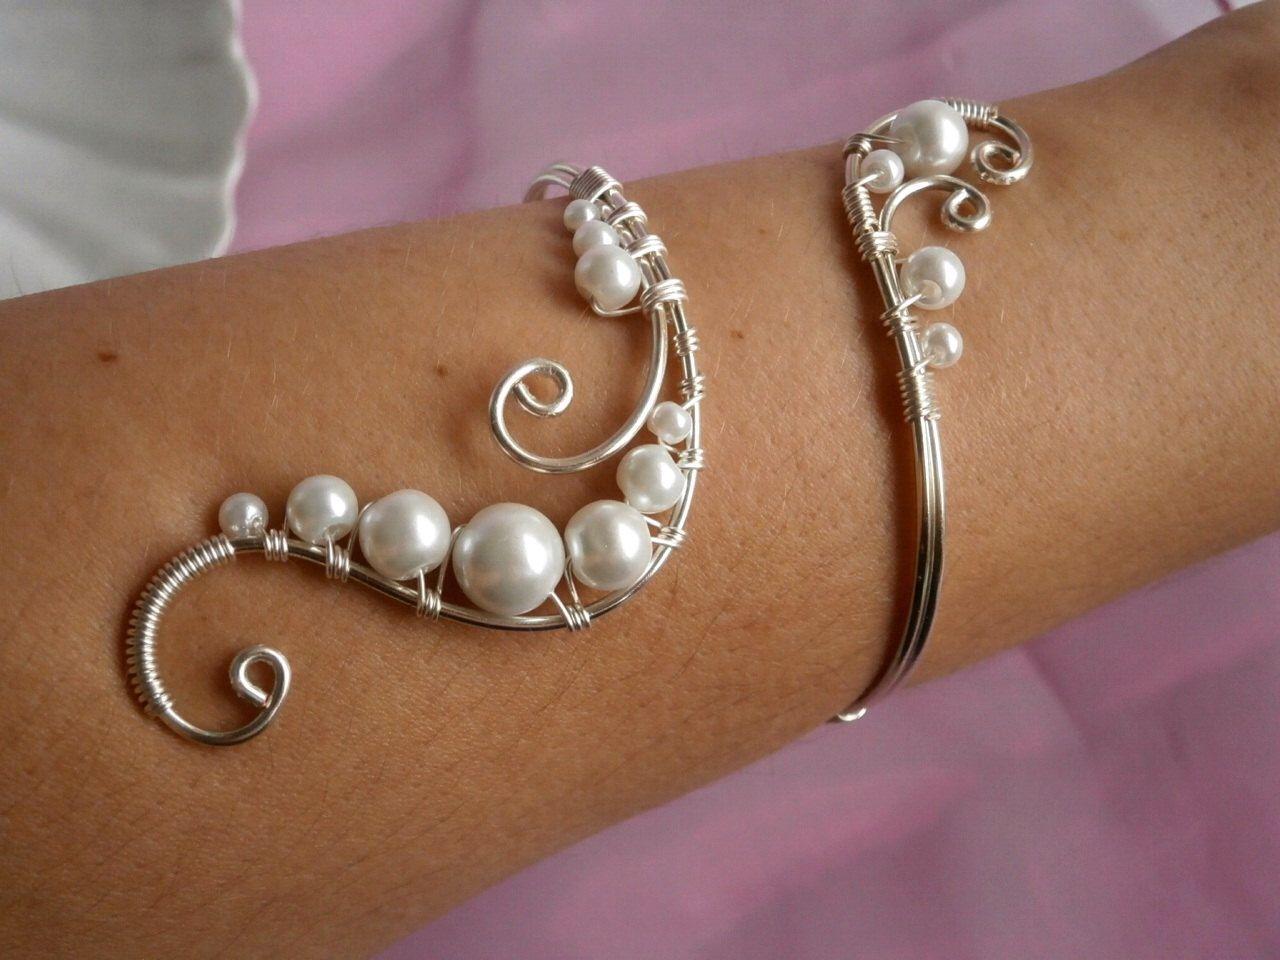 Tolle Draht Gewickelt Armband Muster Zeitgenössisch - Elektrische ...